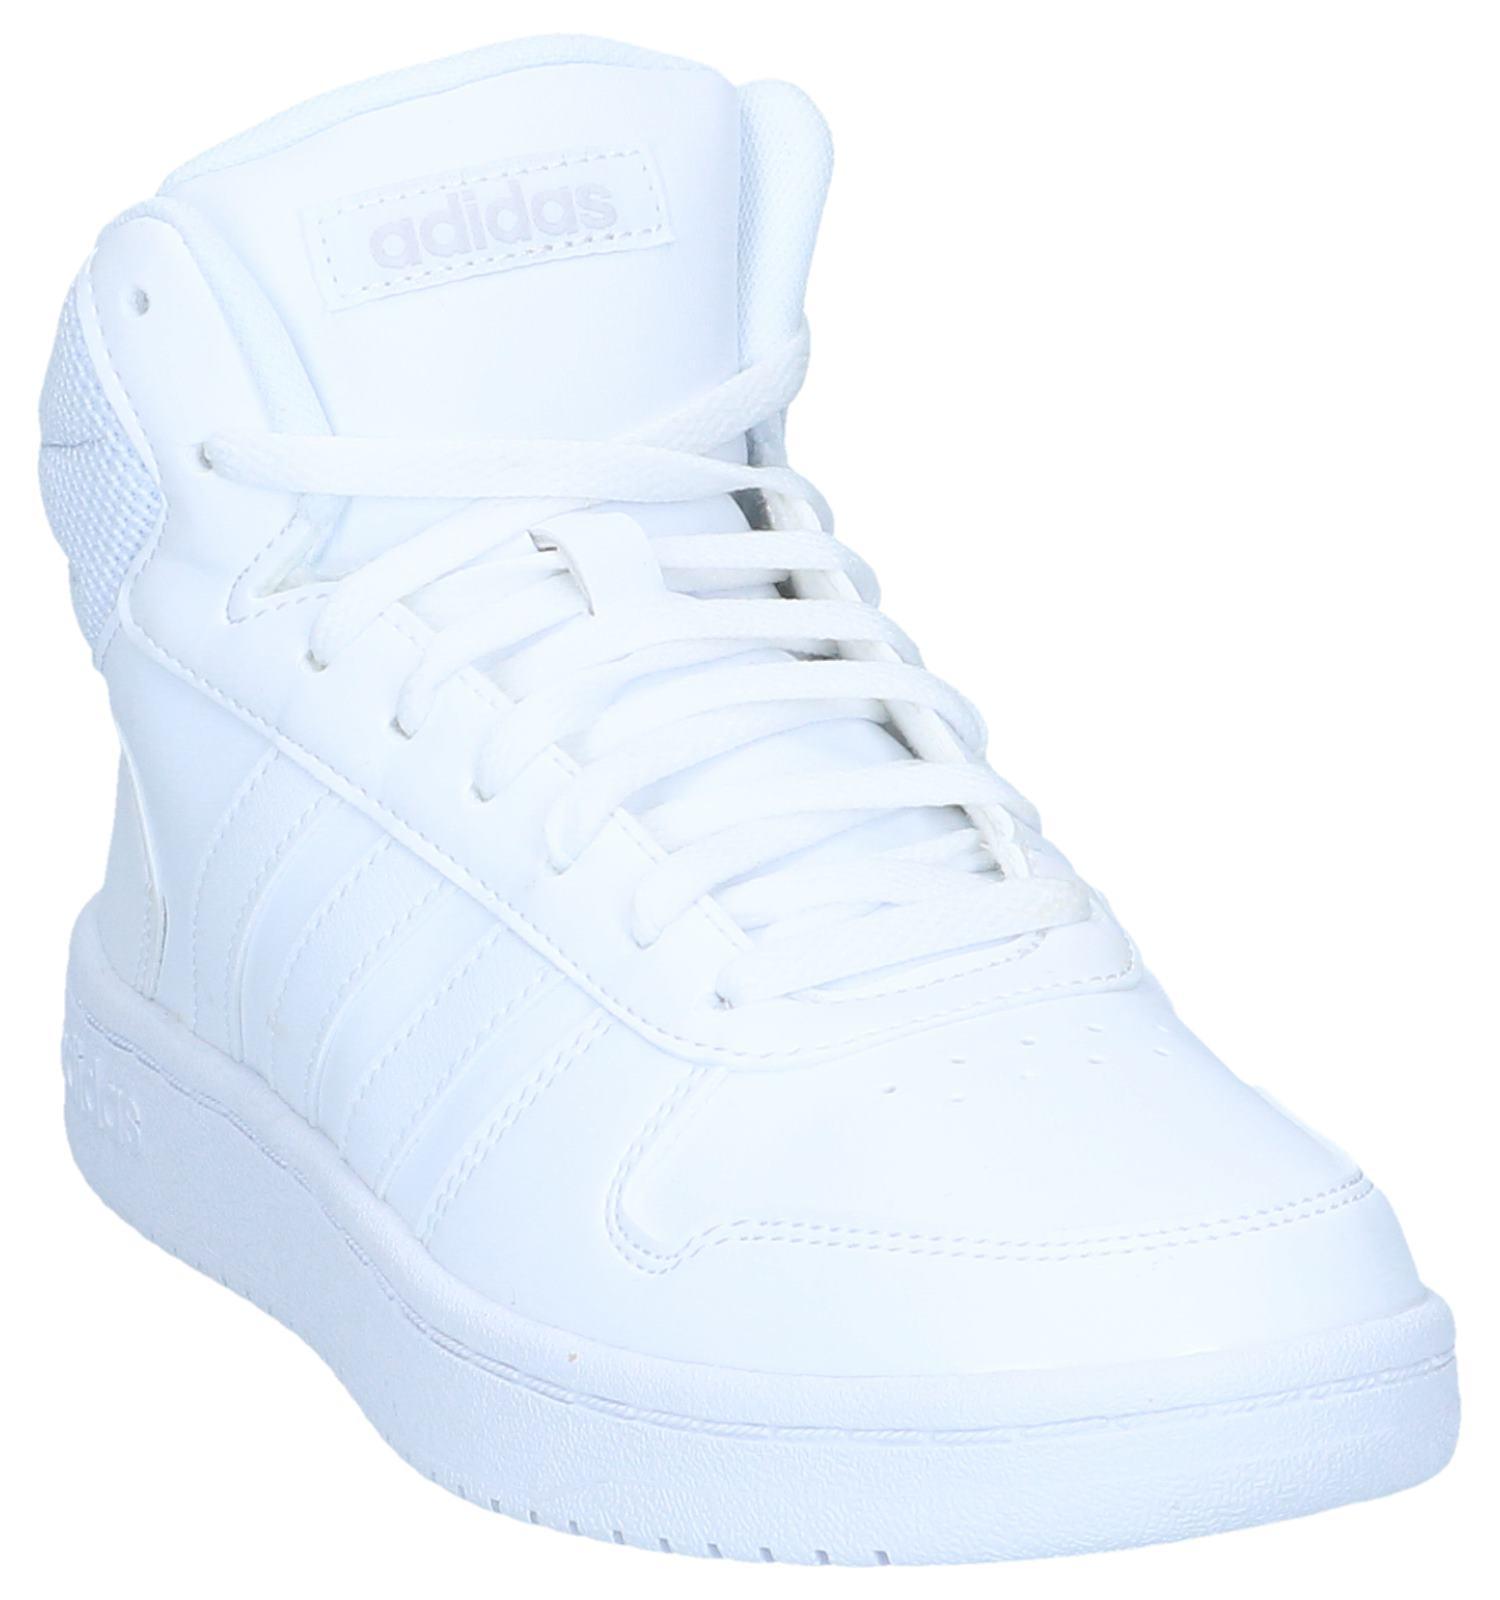 Hoops Hoge Adidas 2 0 Witte Sneakers 35Rj4AcLq